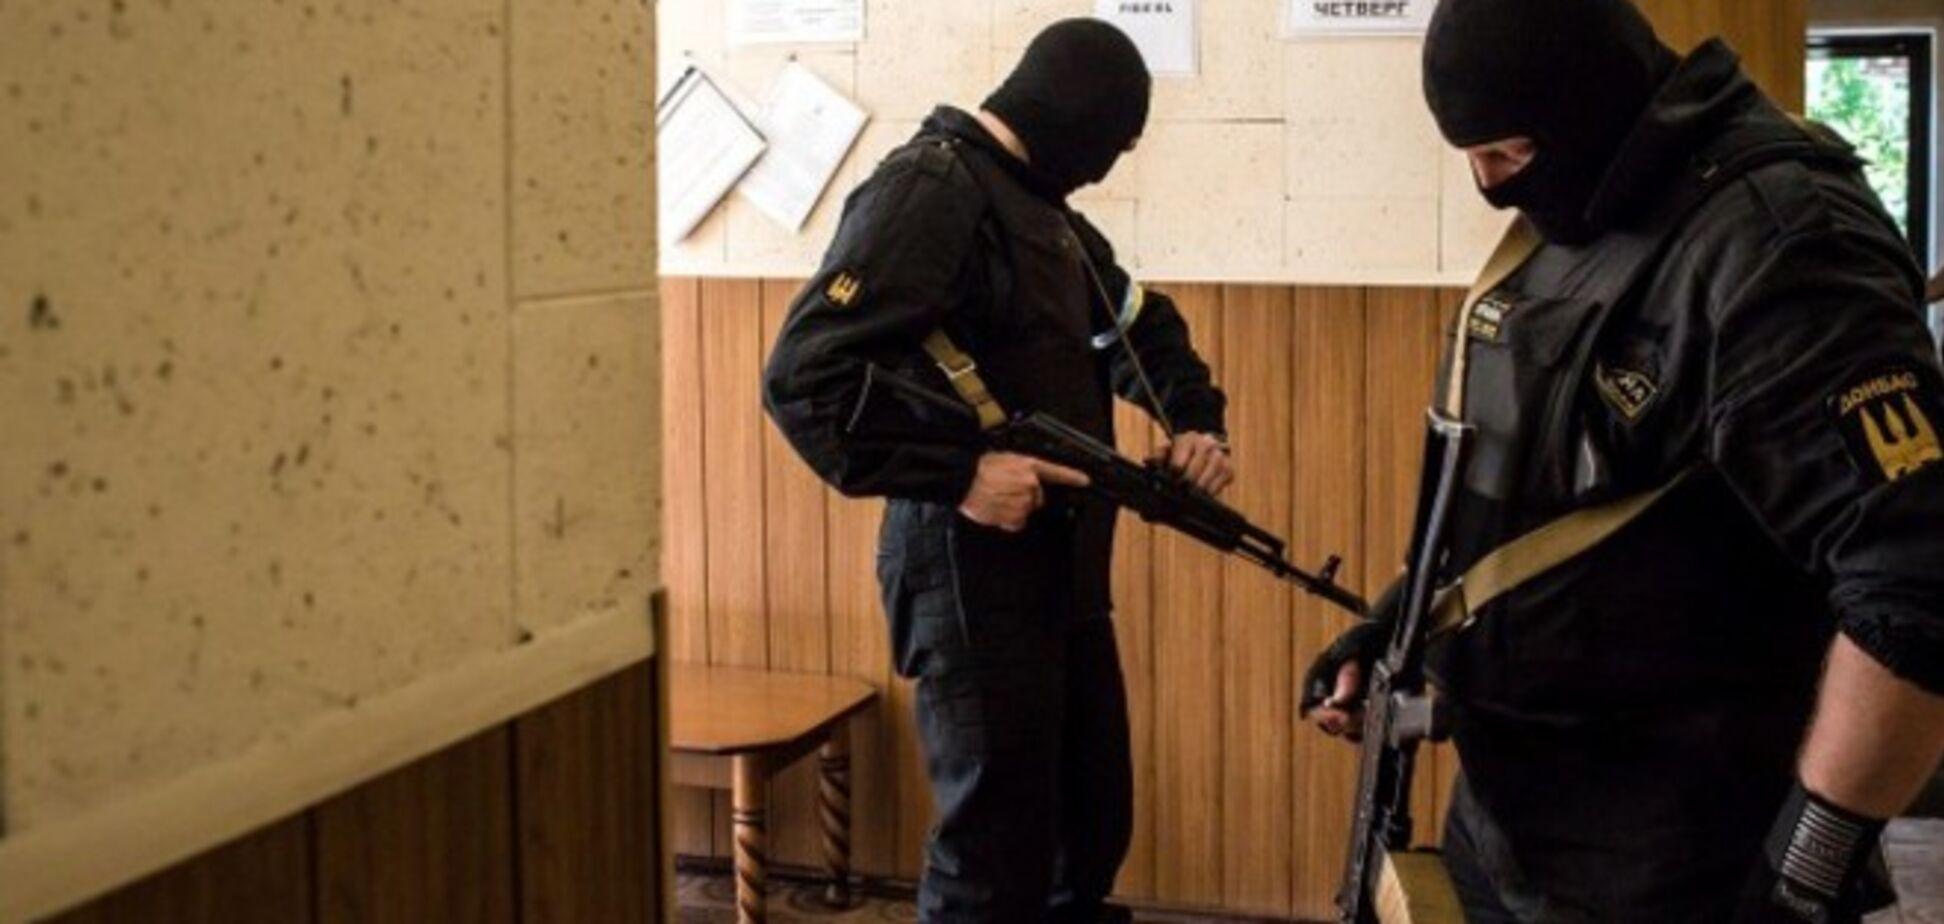 Комбат 'Донбасса': переговоры с террористами - путь в никуда